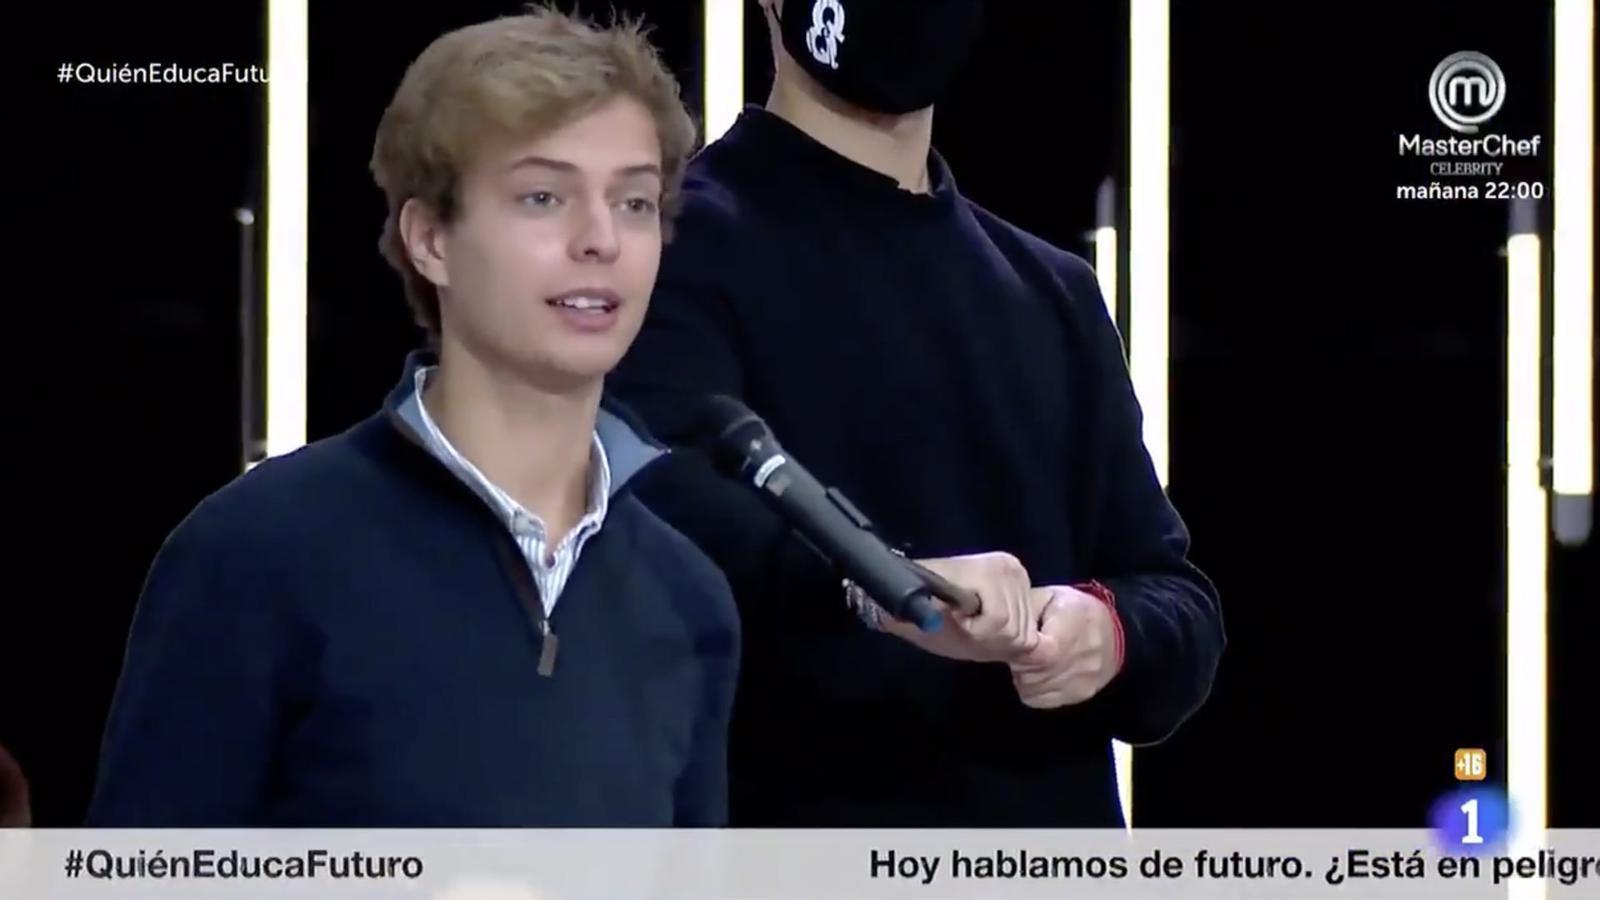 """L'anàlisi d'Antoni Bassas: """"Si entres en una botiga i parles castellà no t'atenen"""""""